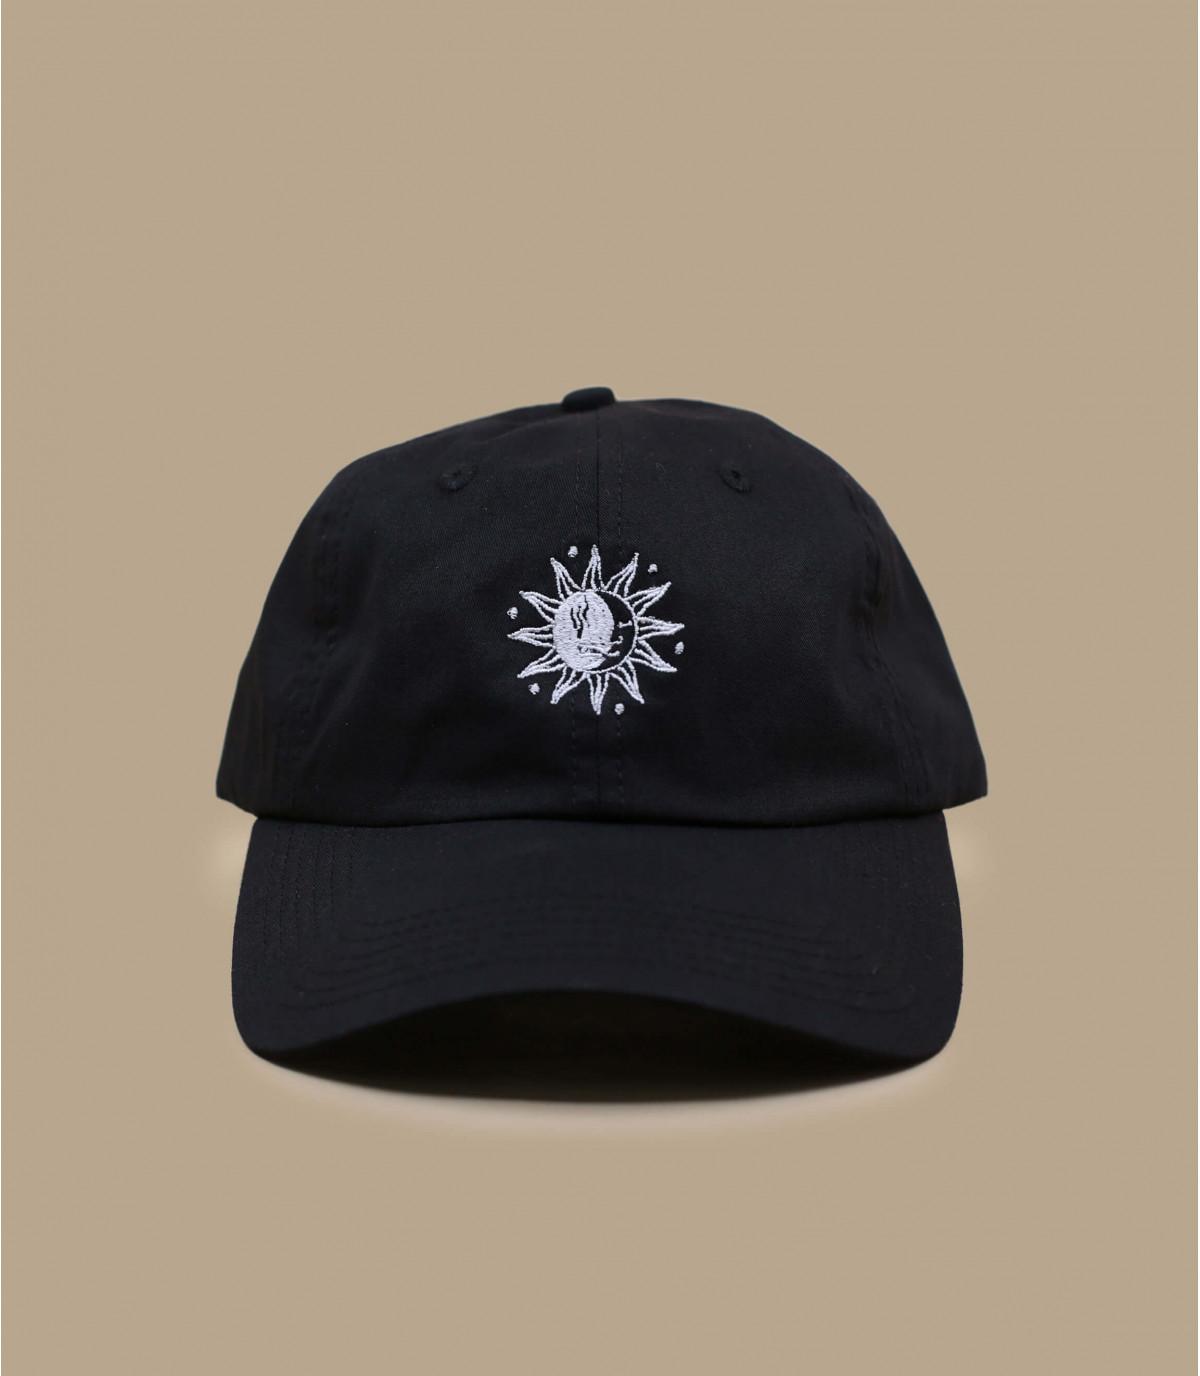 casquette curve soleil lune noire